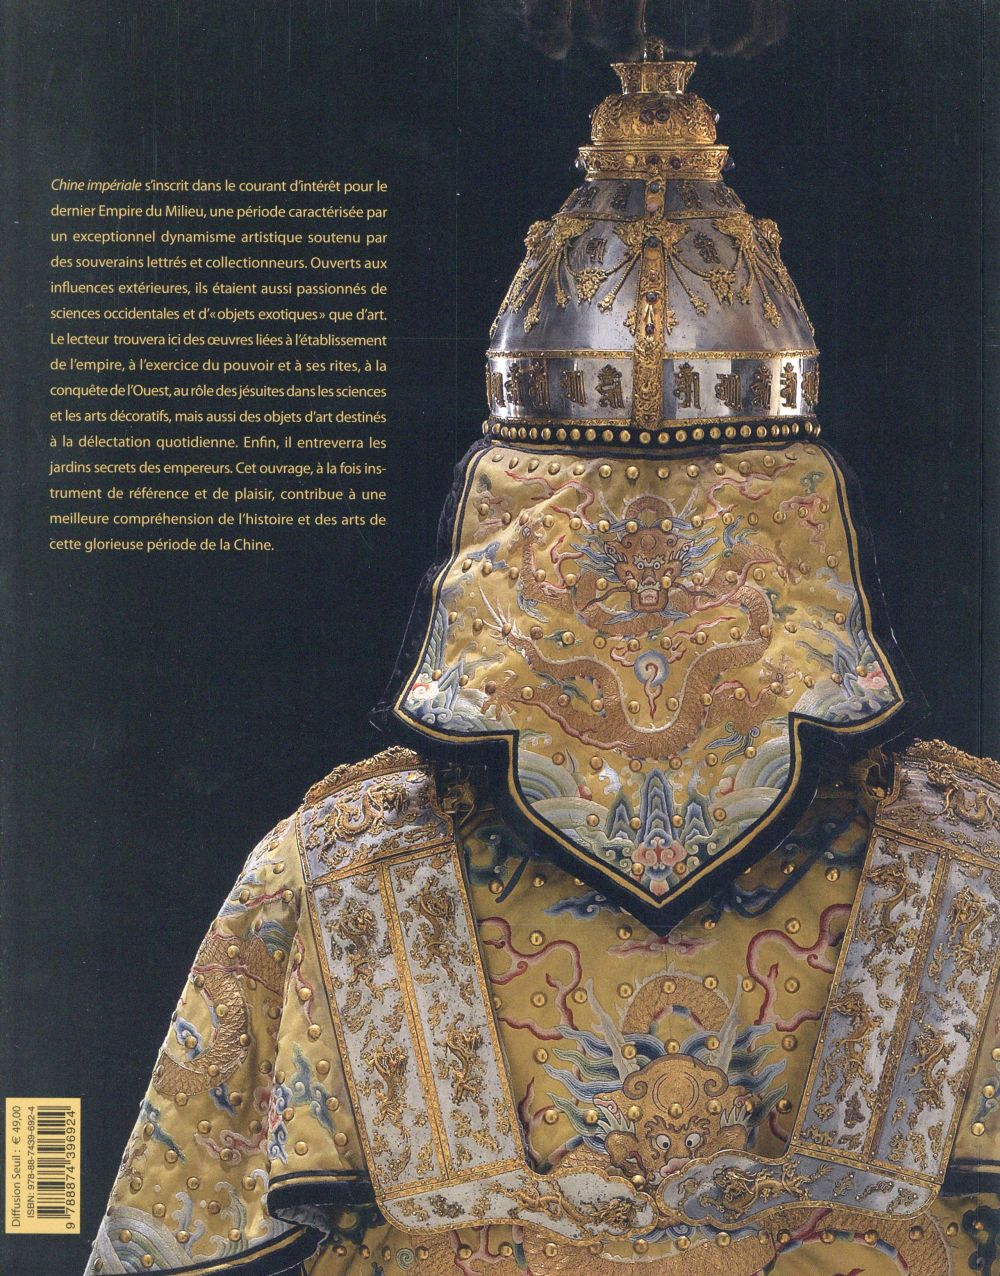 Chine impériale ; splendeurs de la dynastie Quig (1644-1944)